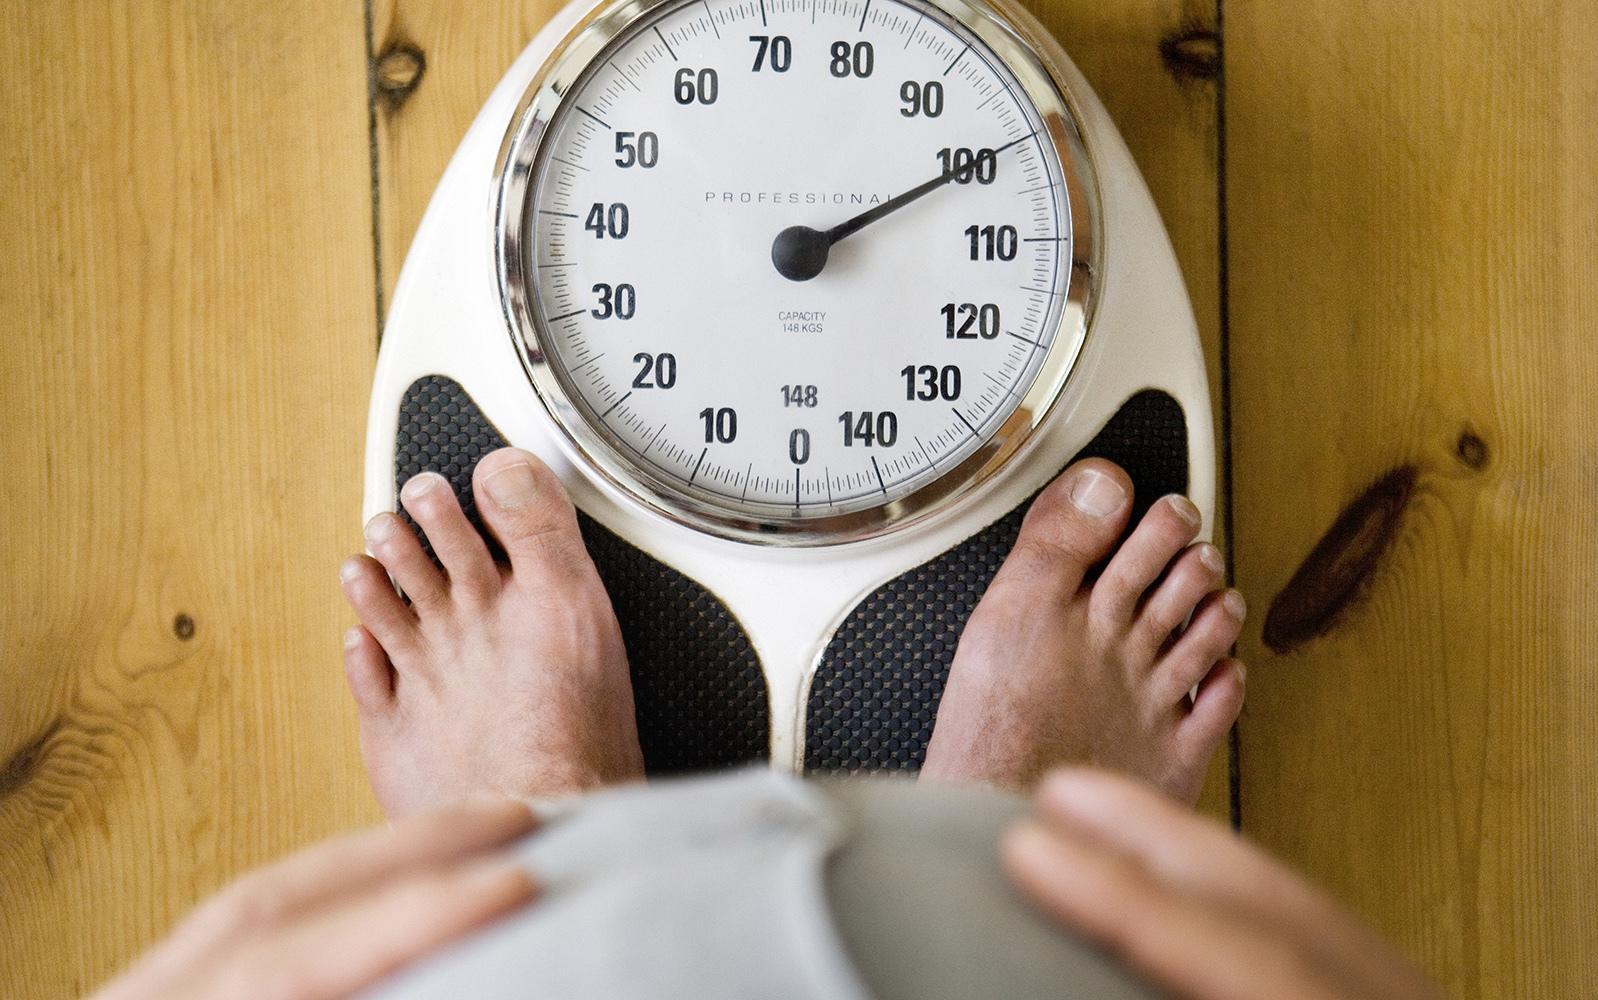 билайт 90 для похудения отзывы рлс